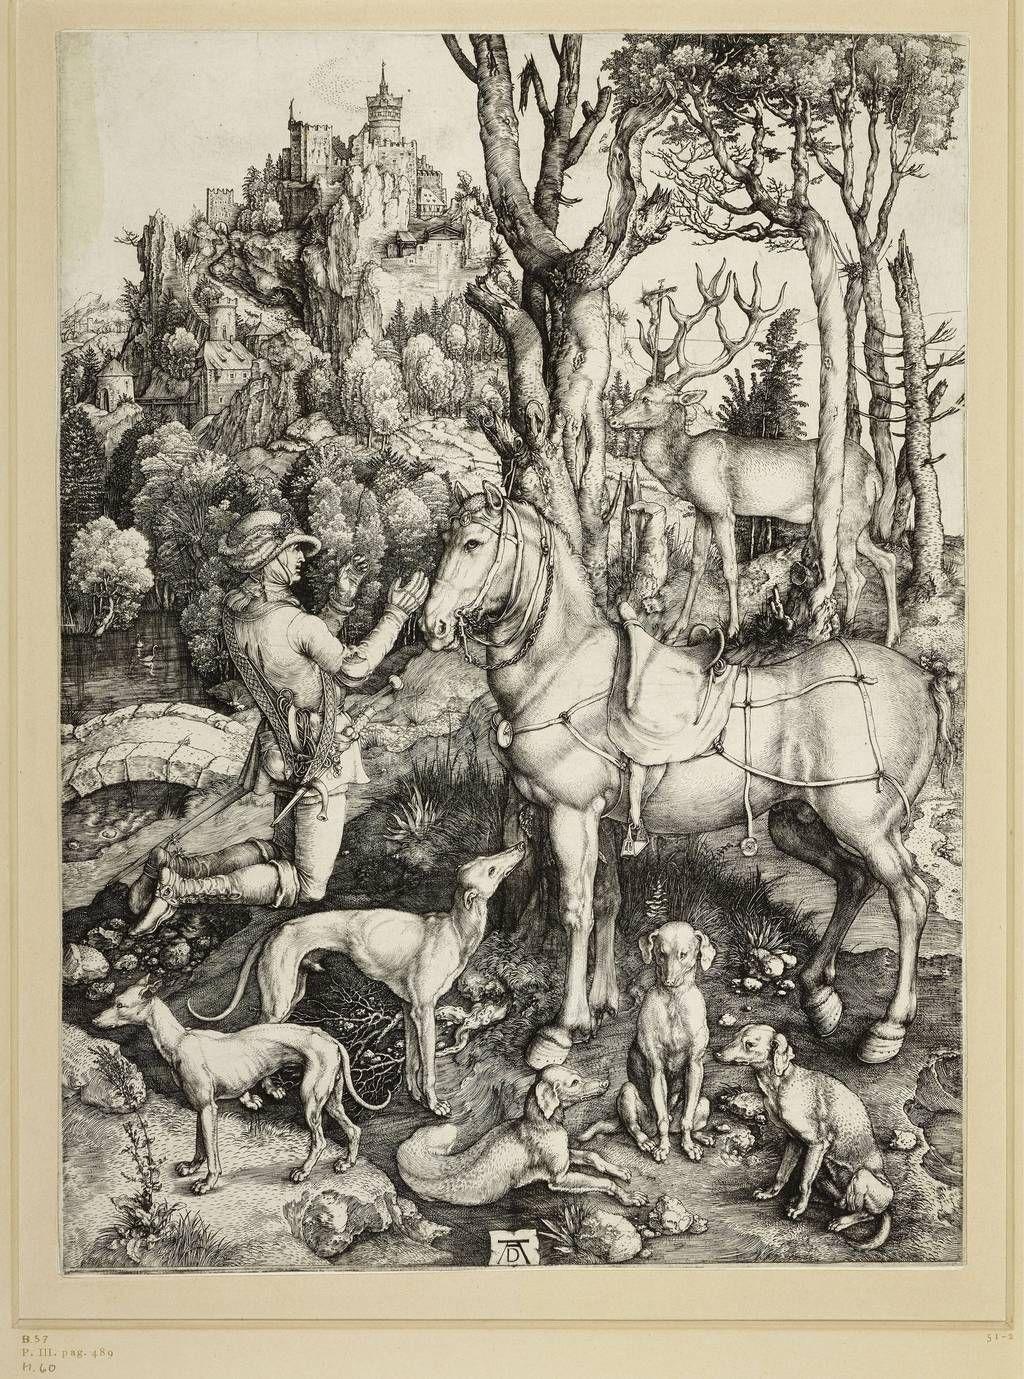 Albrecht Dürer: Der Heilige Eustachius, um 1500. © Staatliche Museen zu Berlin, Kupferstichkabinett / Foto: Volker-H. Schneider